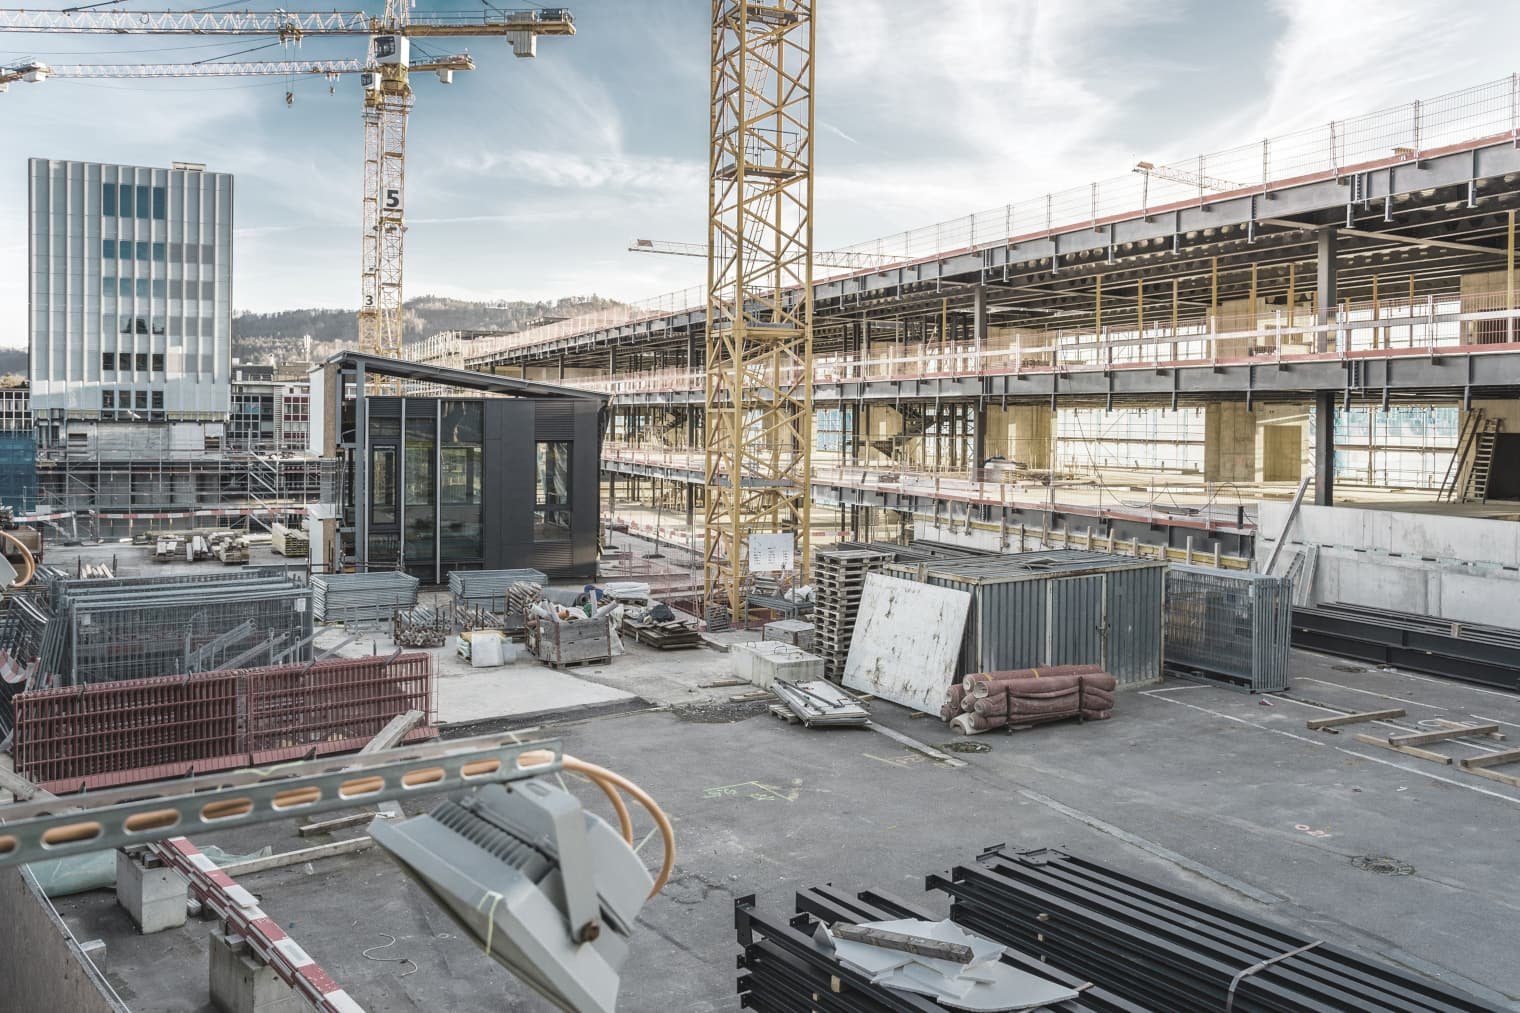 Un gros chantier et un immeuble en arrière-plan.